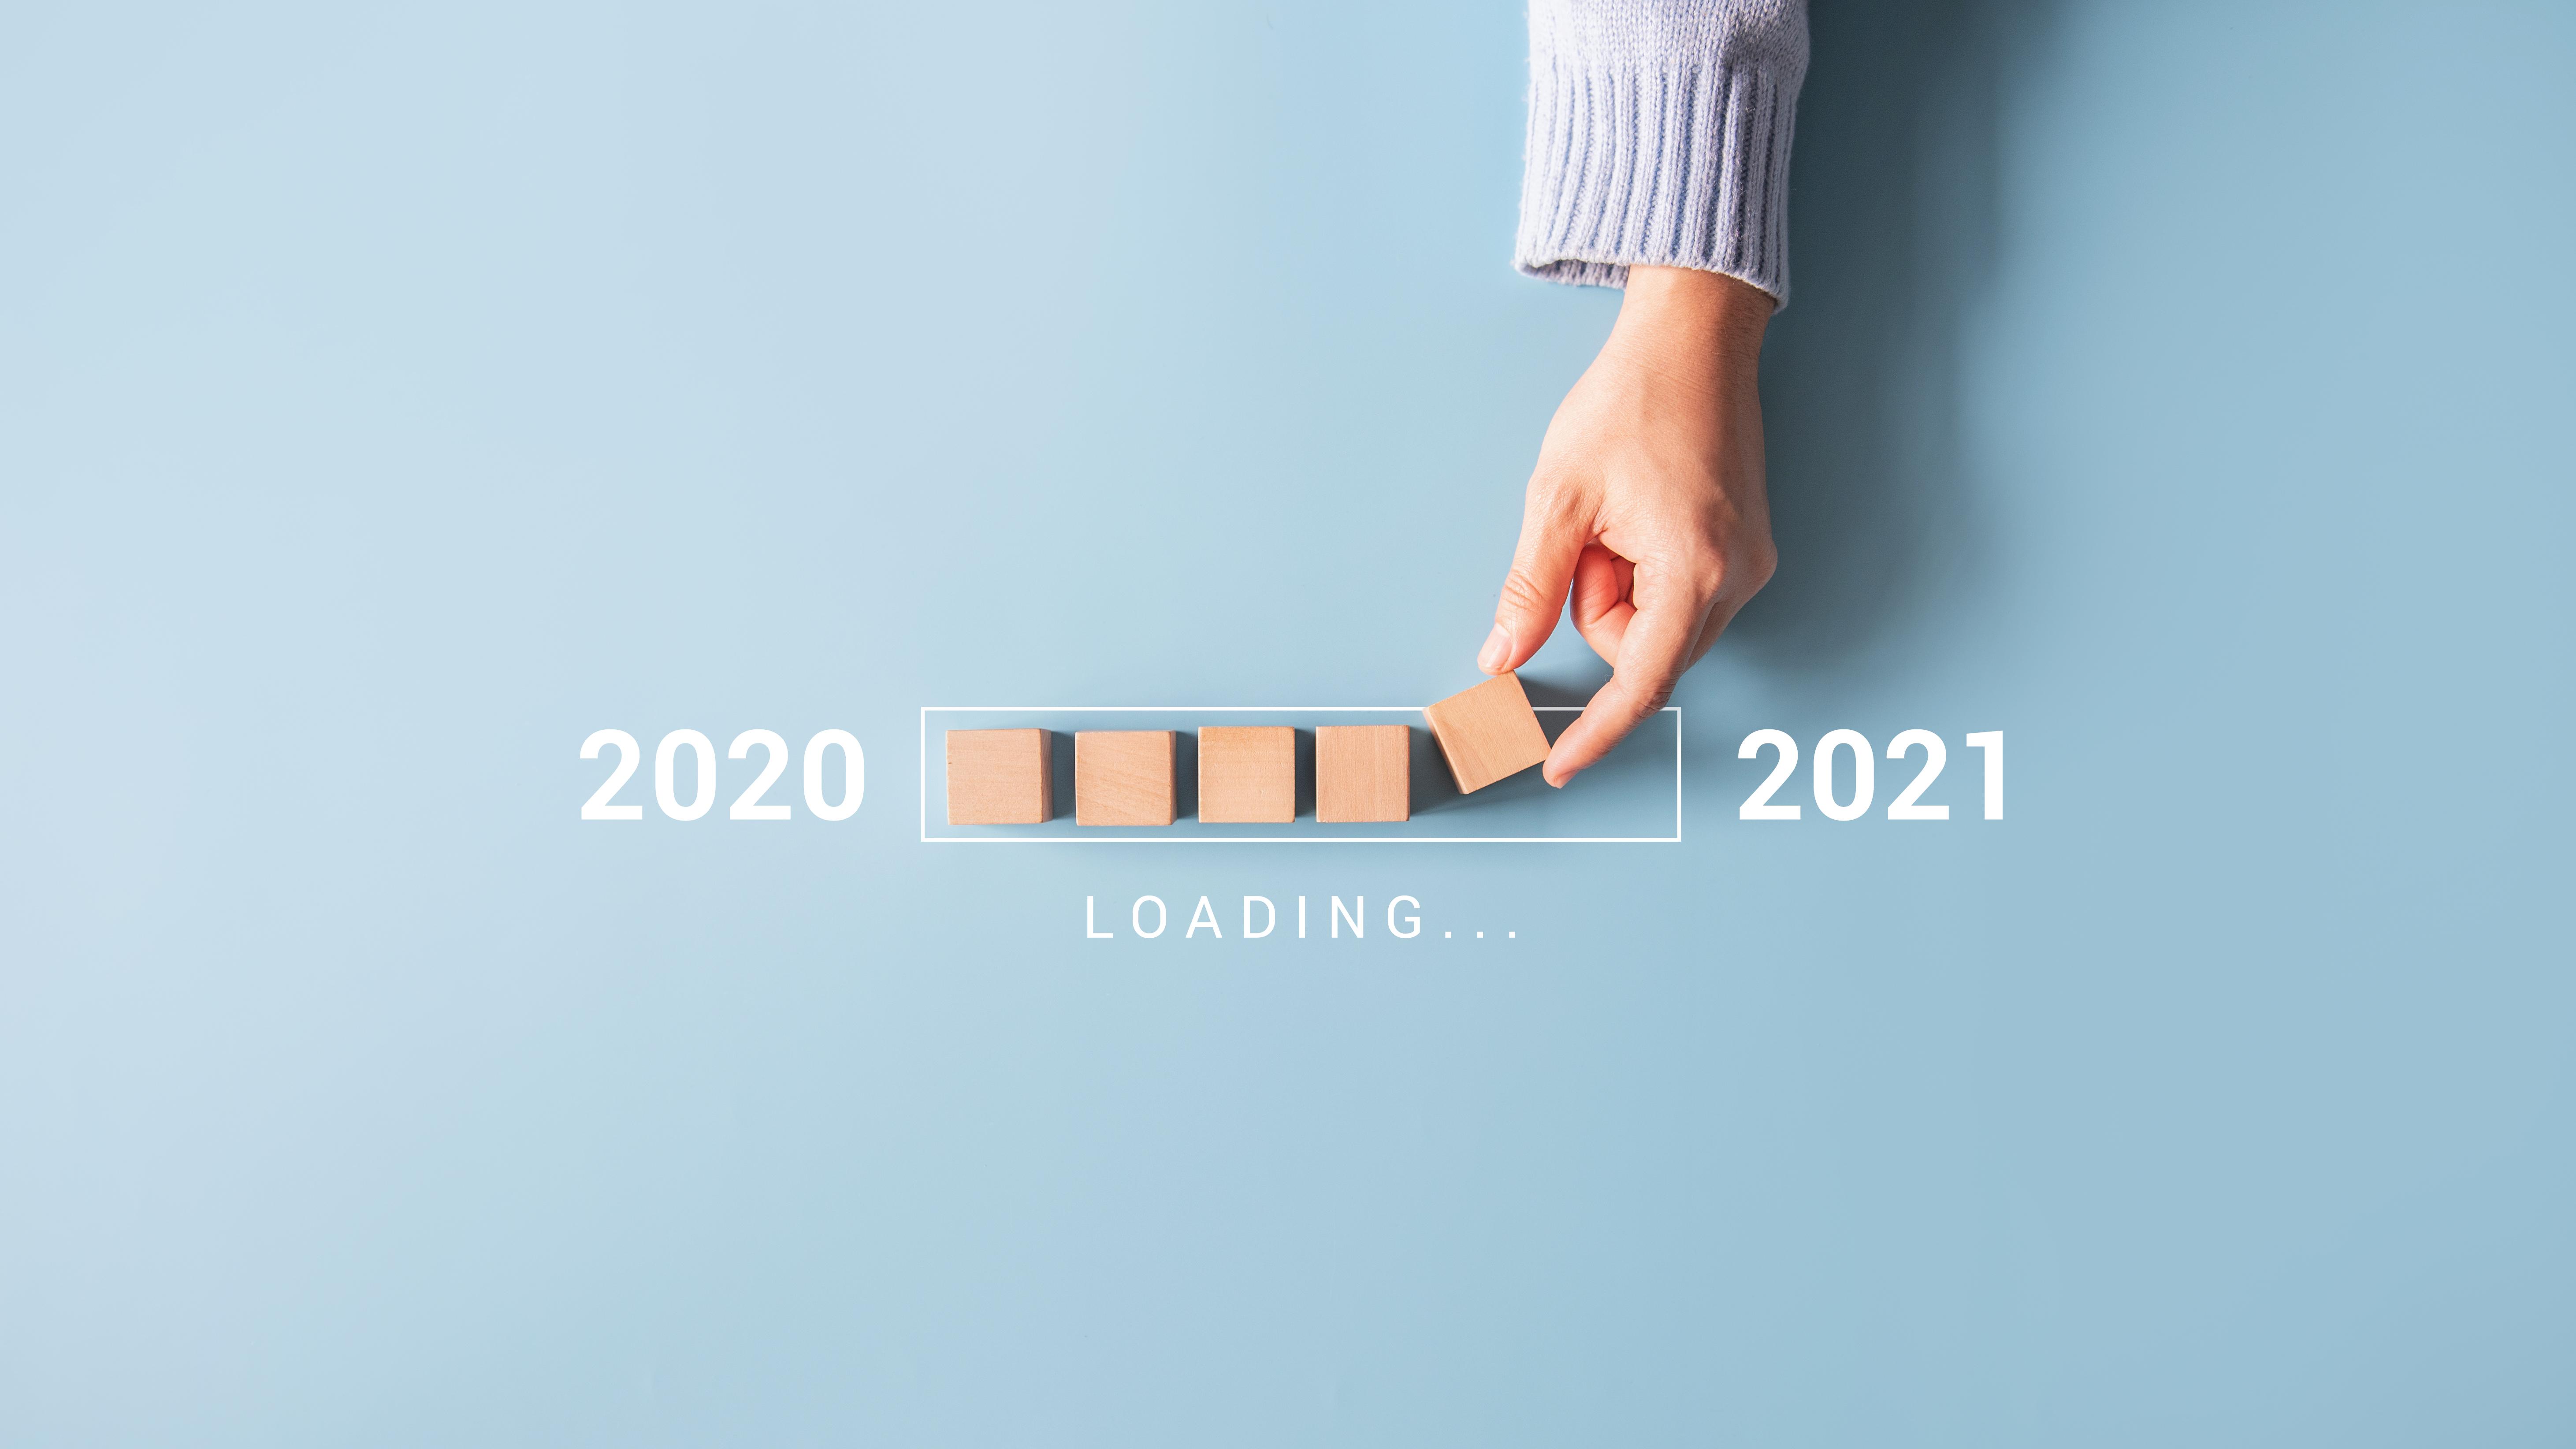 Goodbye 2020… hello 2021!